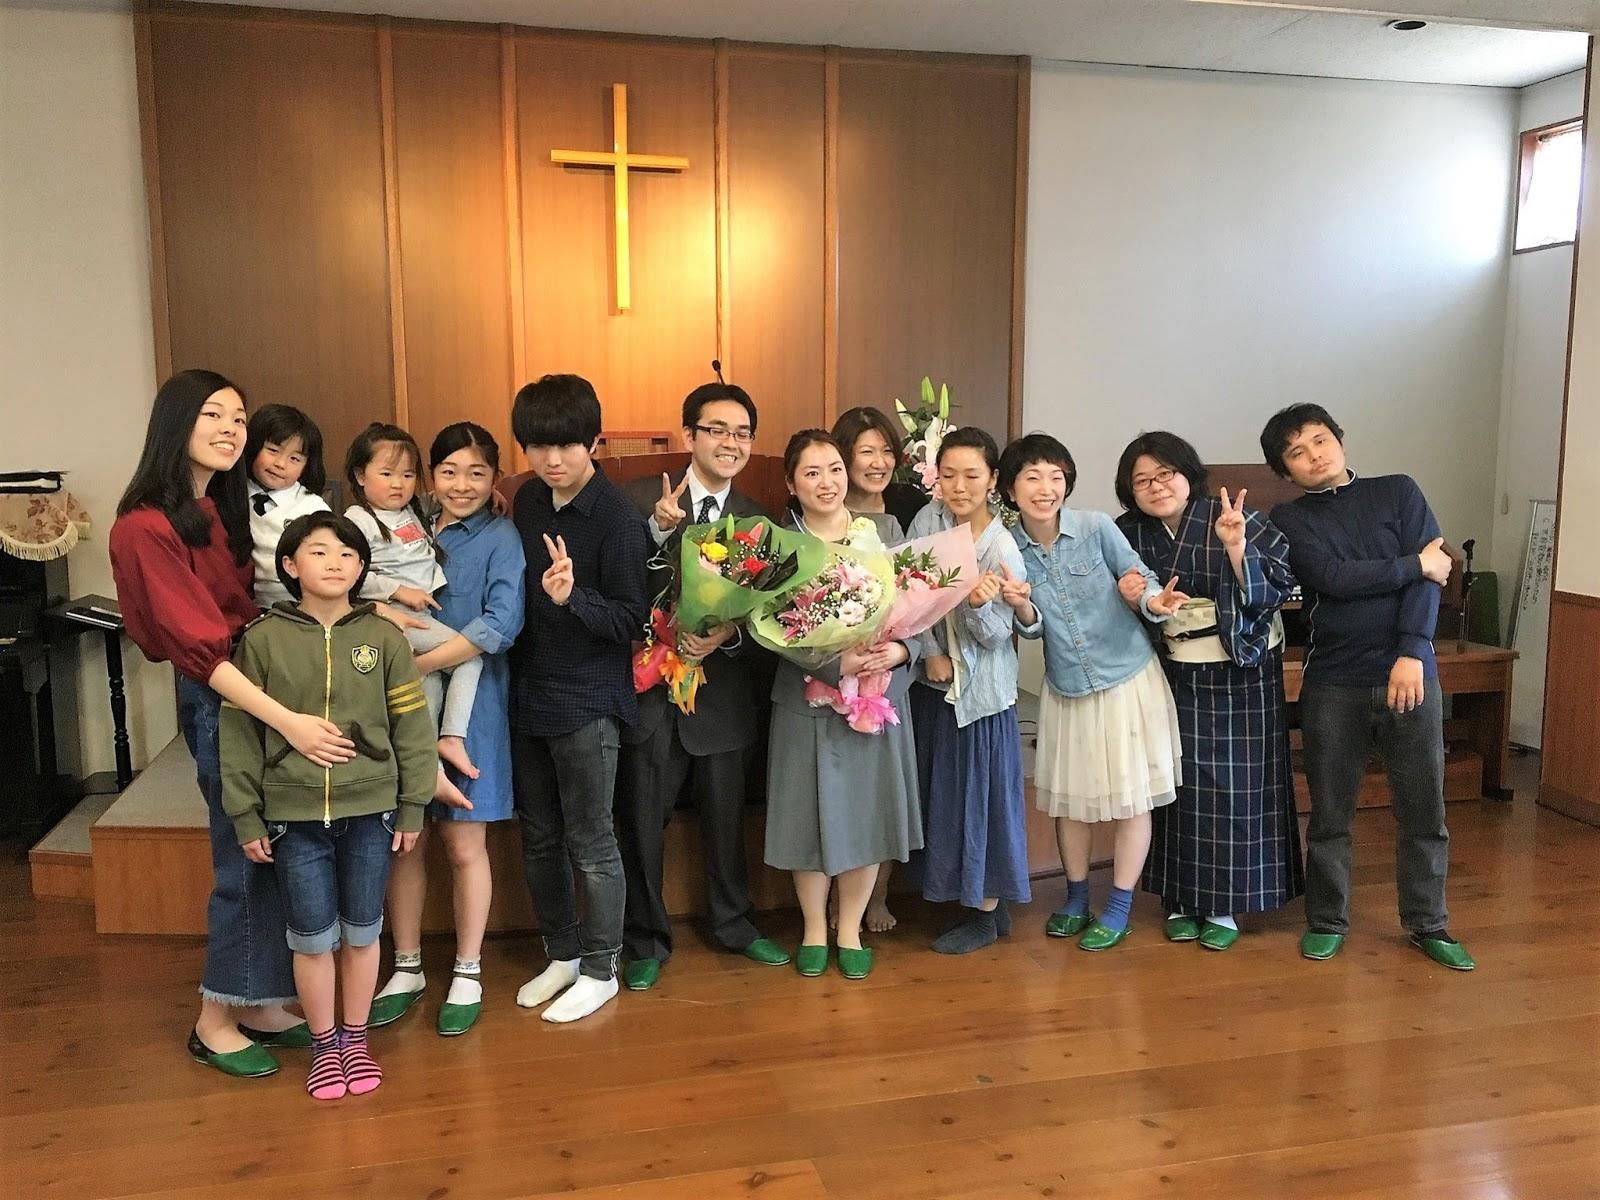 浦和福音自由教会